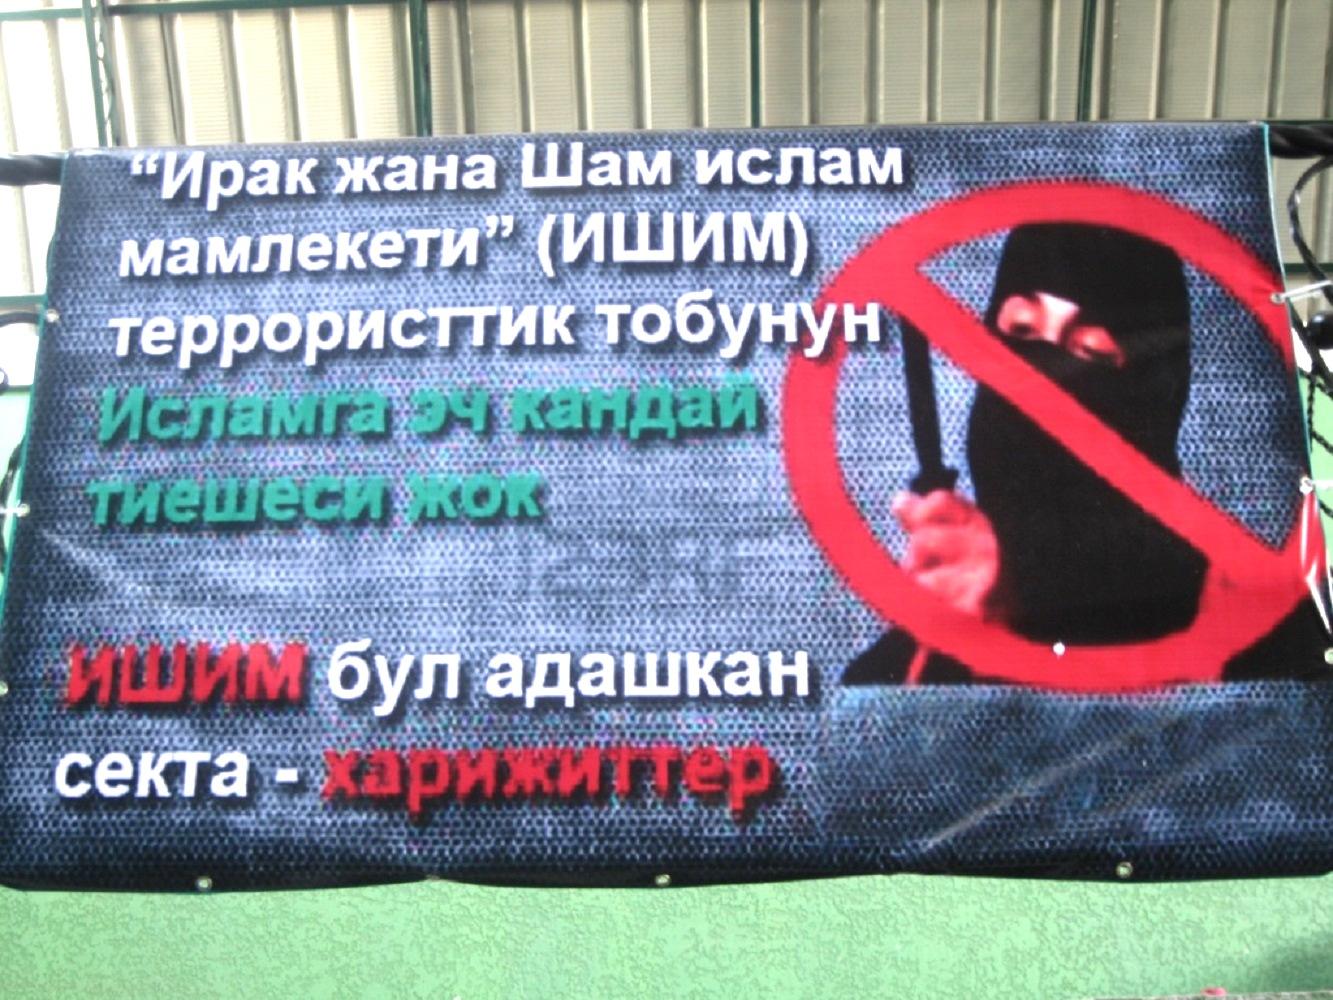 Имамы Кыргызстана помогают в борьбе с экстремизмом